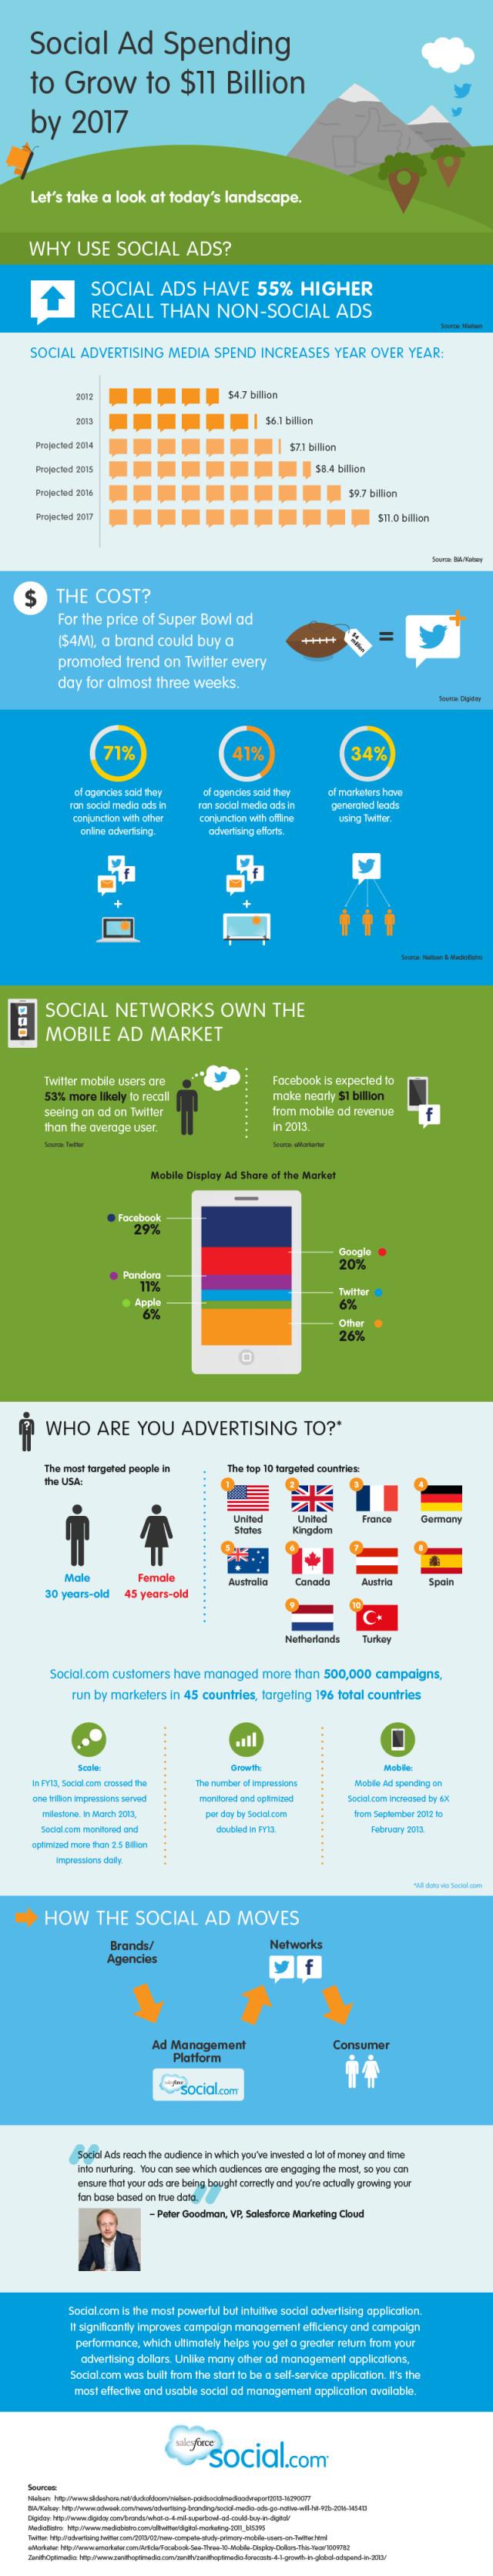 Infographie sur les social ads : Twitter + Facebook = 11 Mds $ de pub en 2017